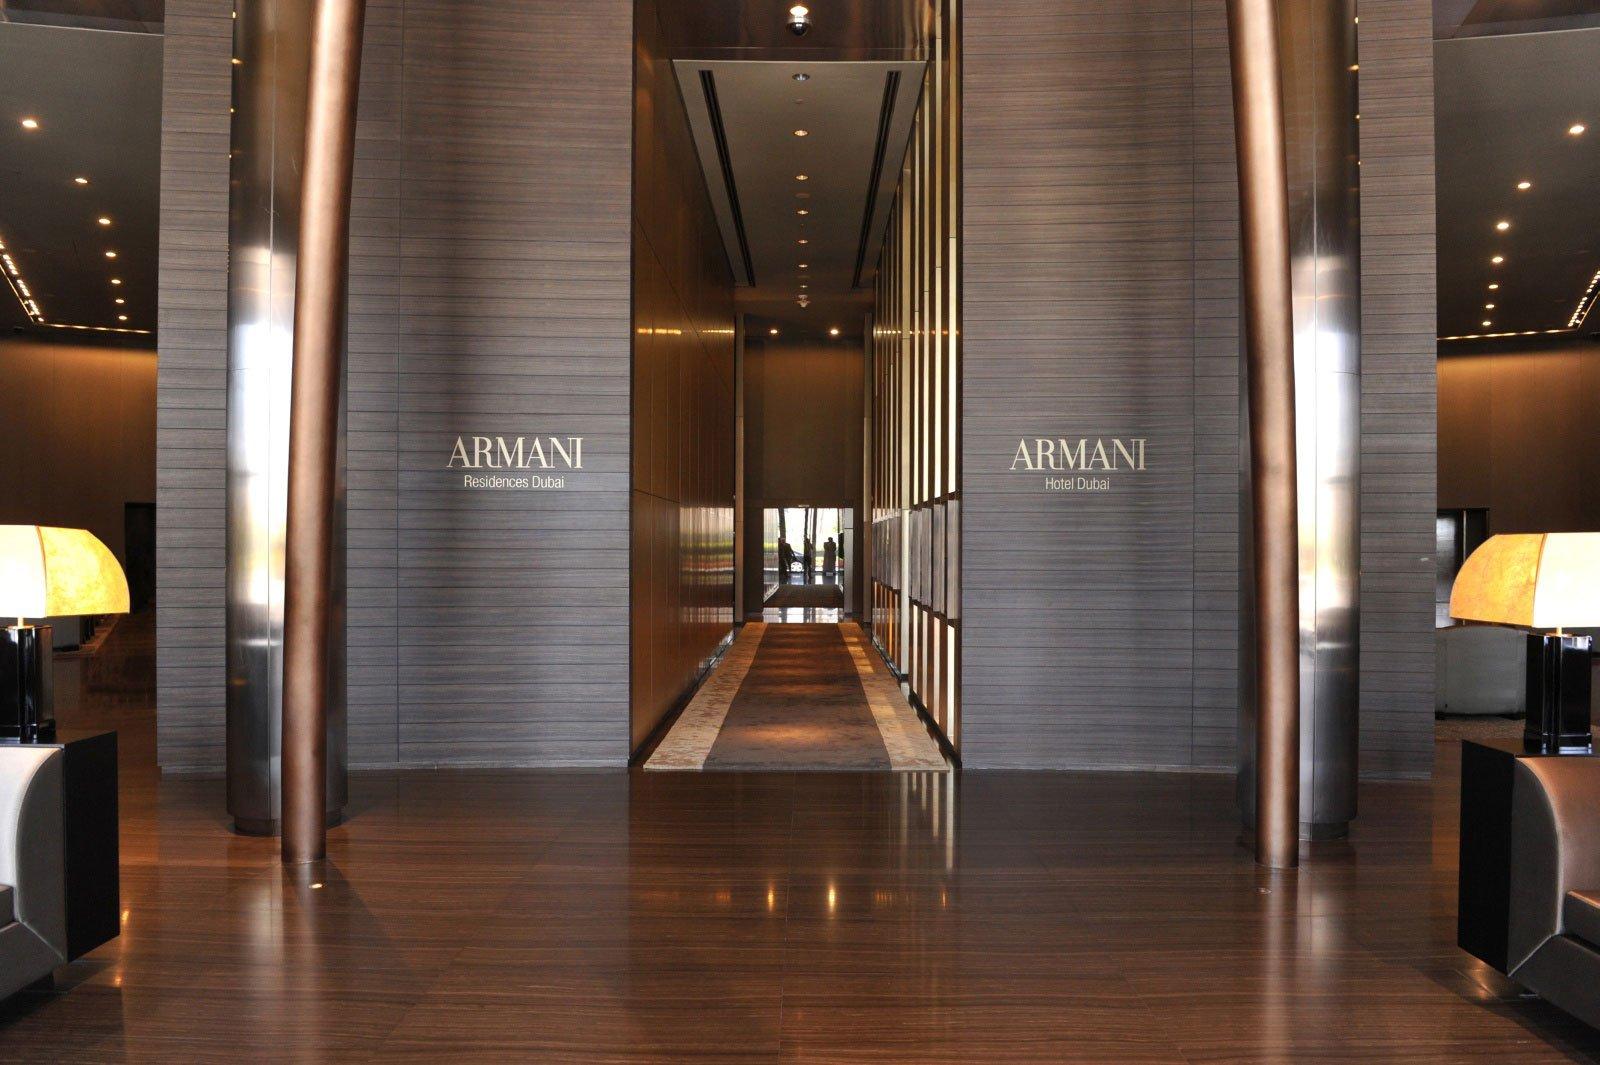 Armani-Hotel-Dubai-04